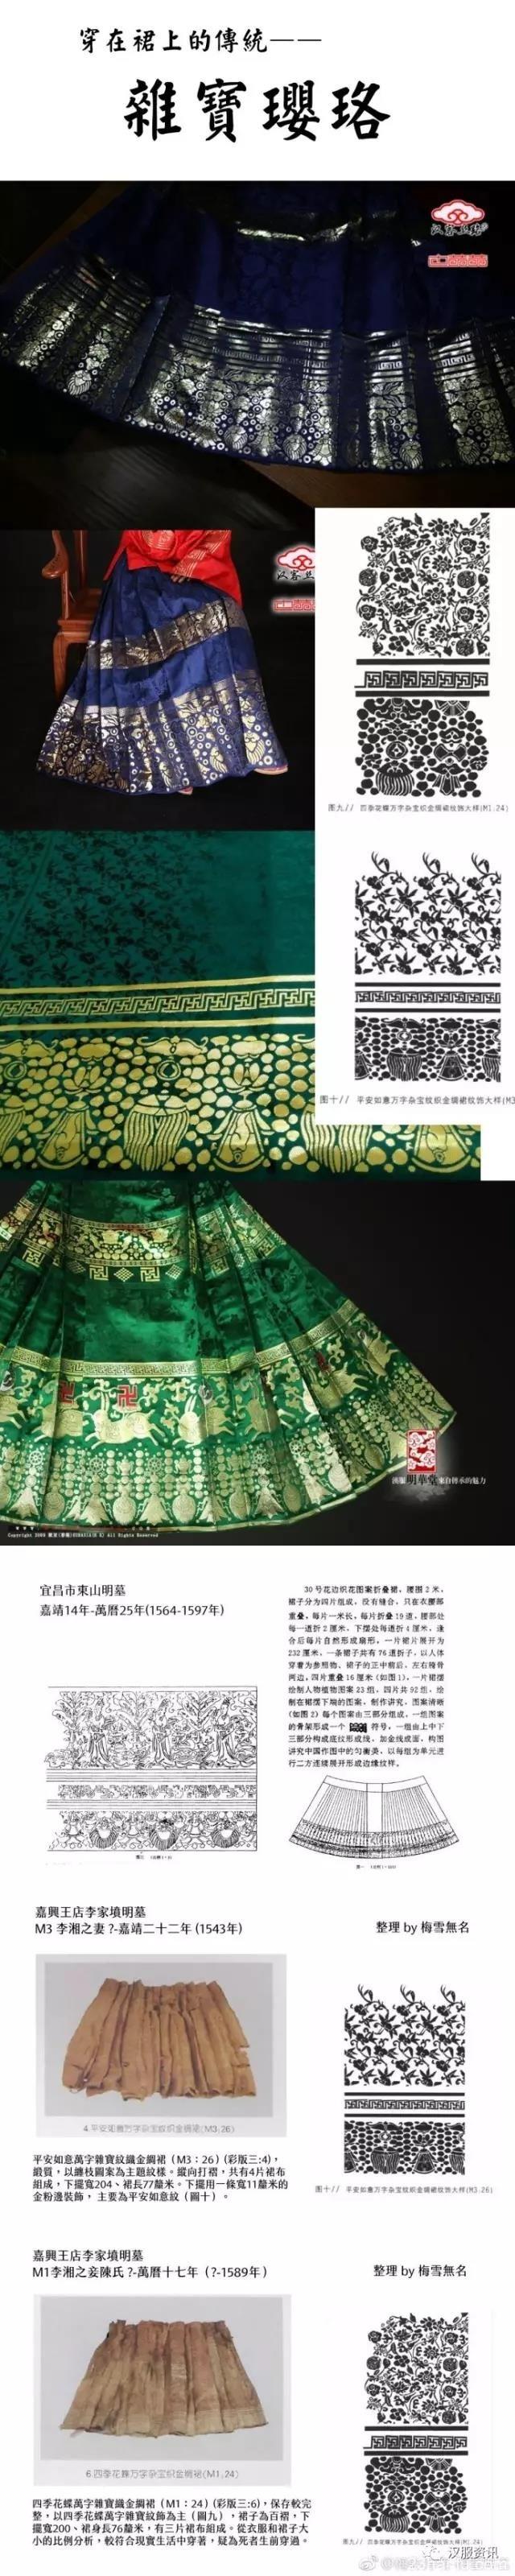 穿在裙上的传统--纹样